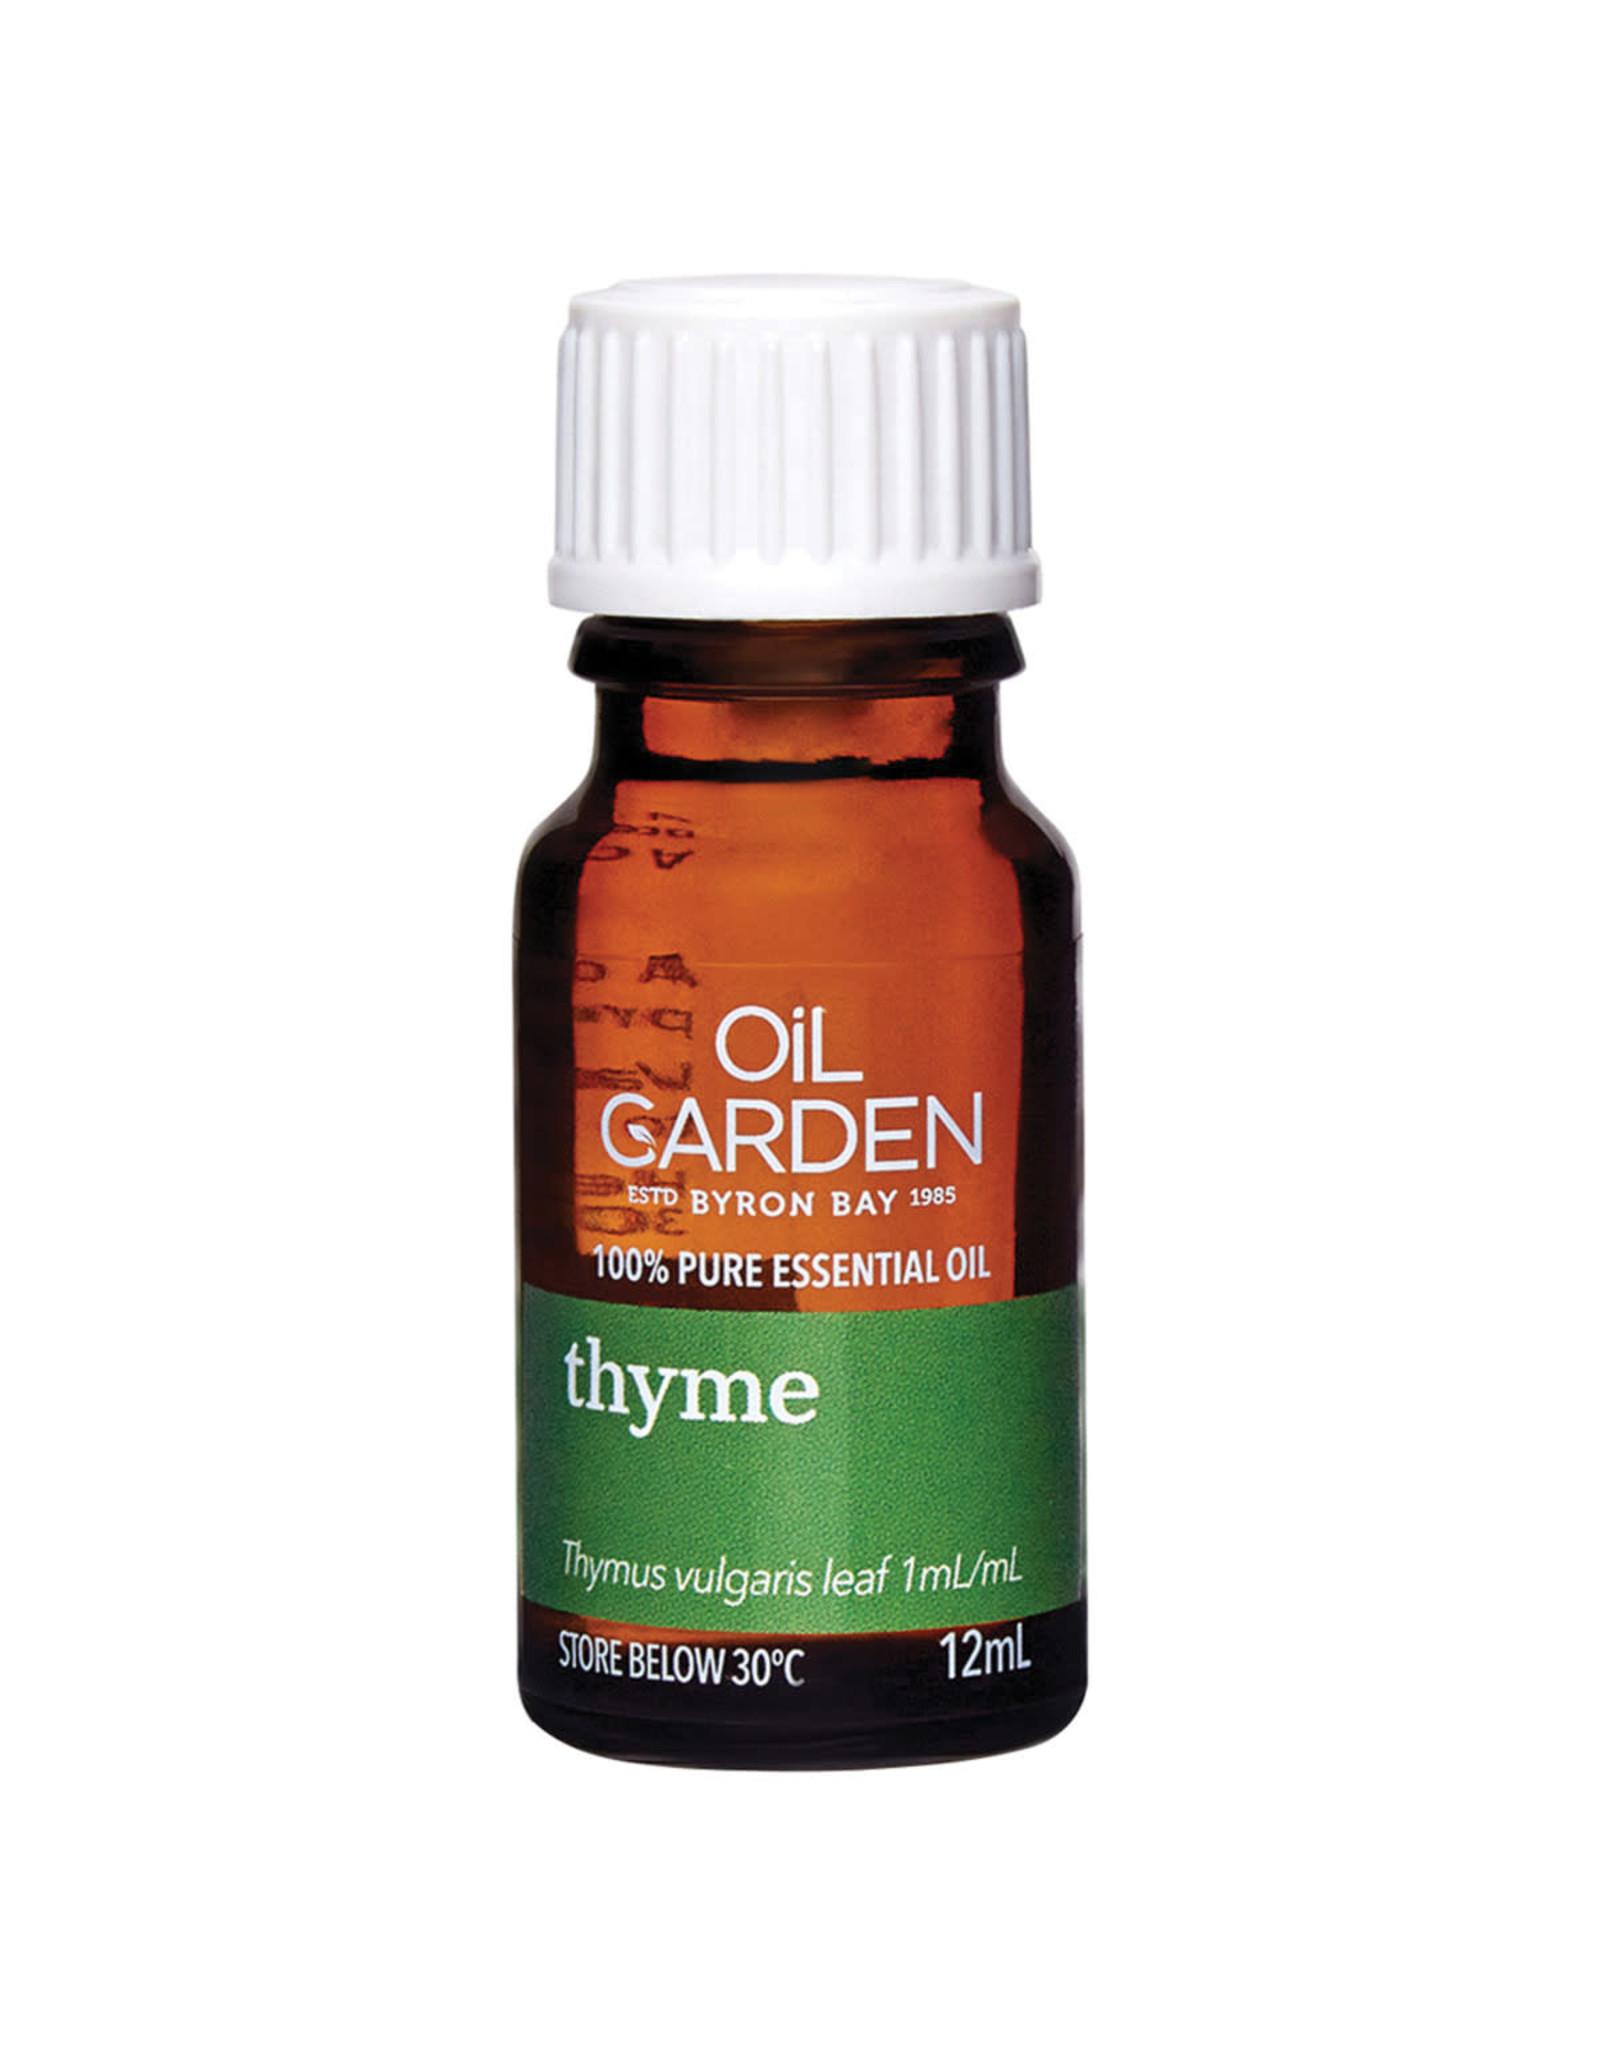 Oil Garden Thyme Oil 12ml